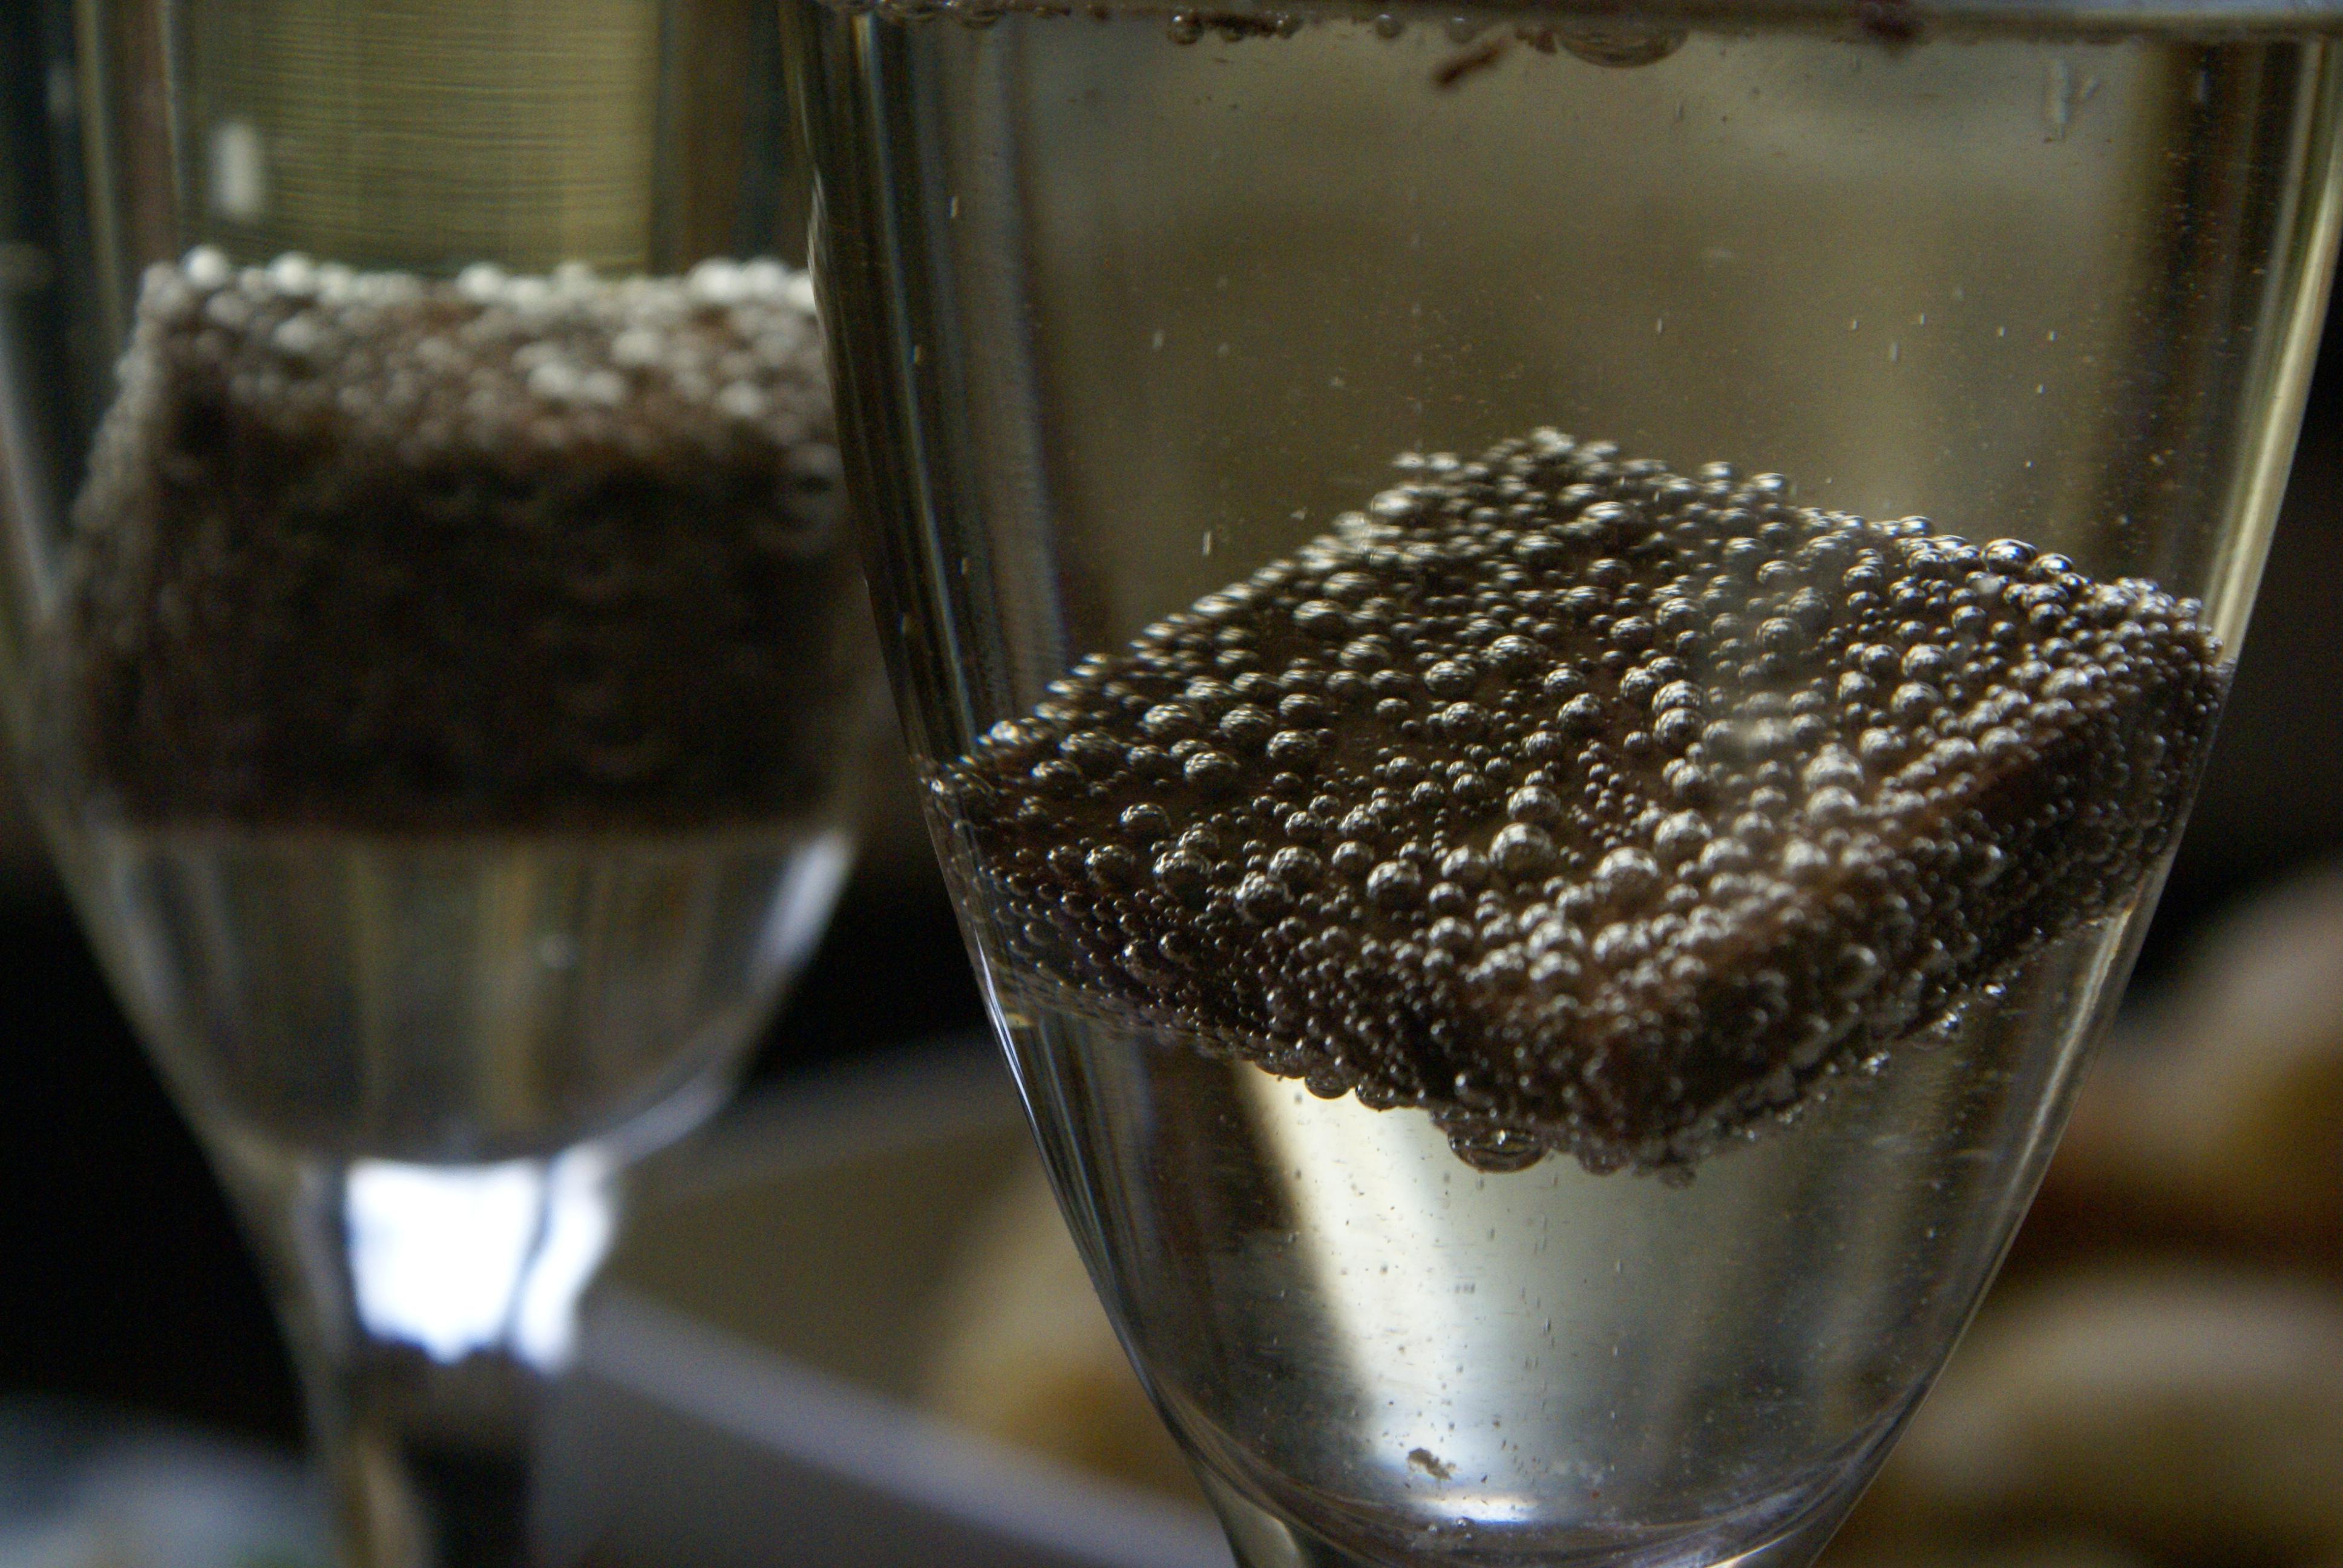 Шоколад и шампанское - не лучшее сочетание